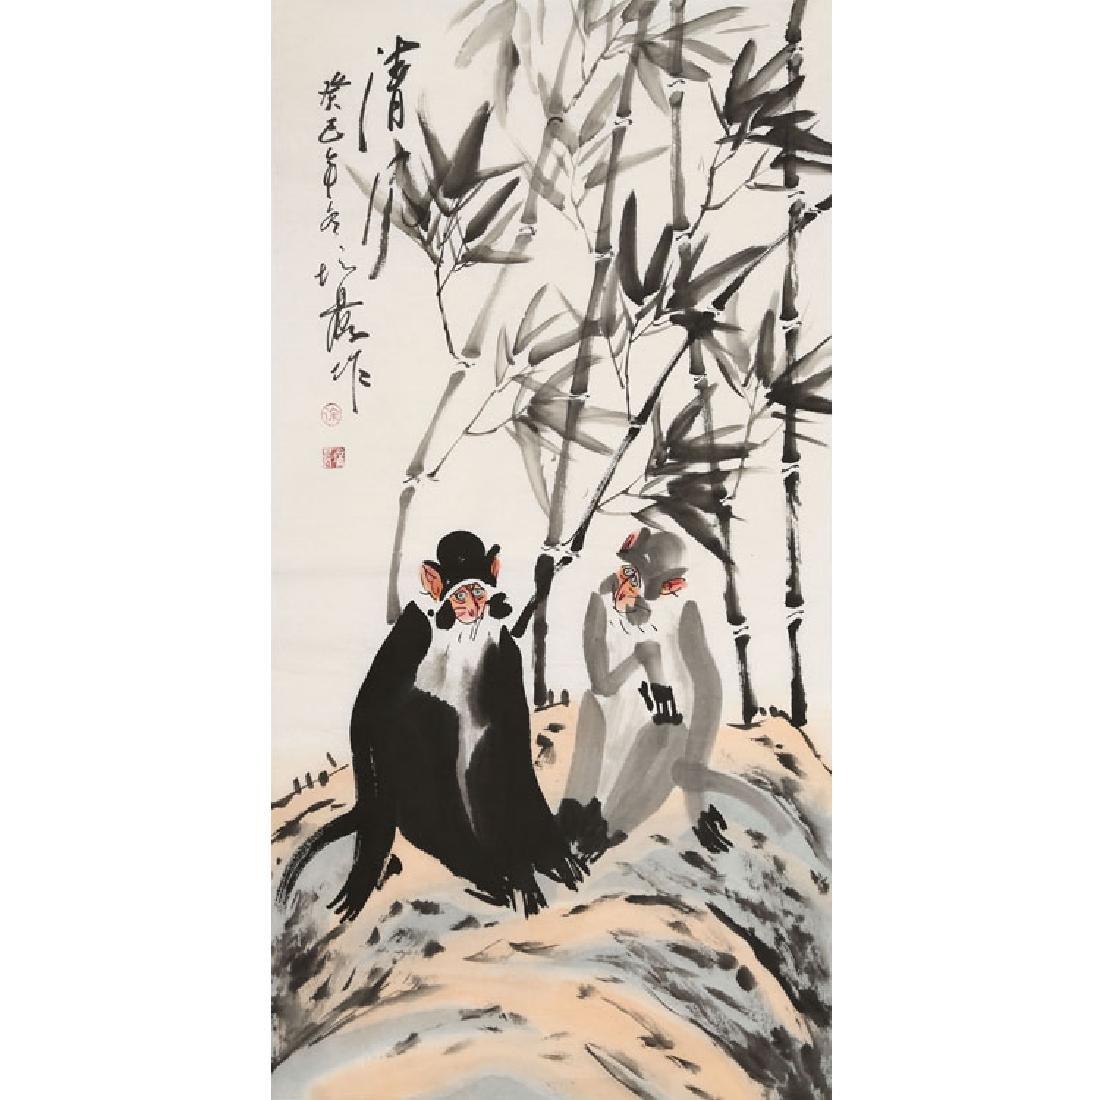 Chinese Painting of Monkey,Signed Xi Pei Zhen